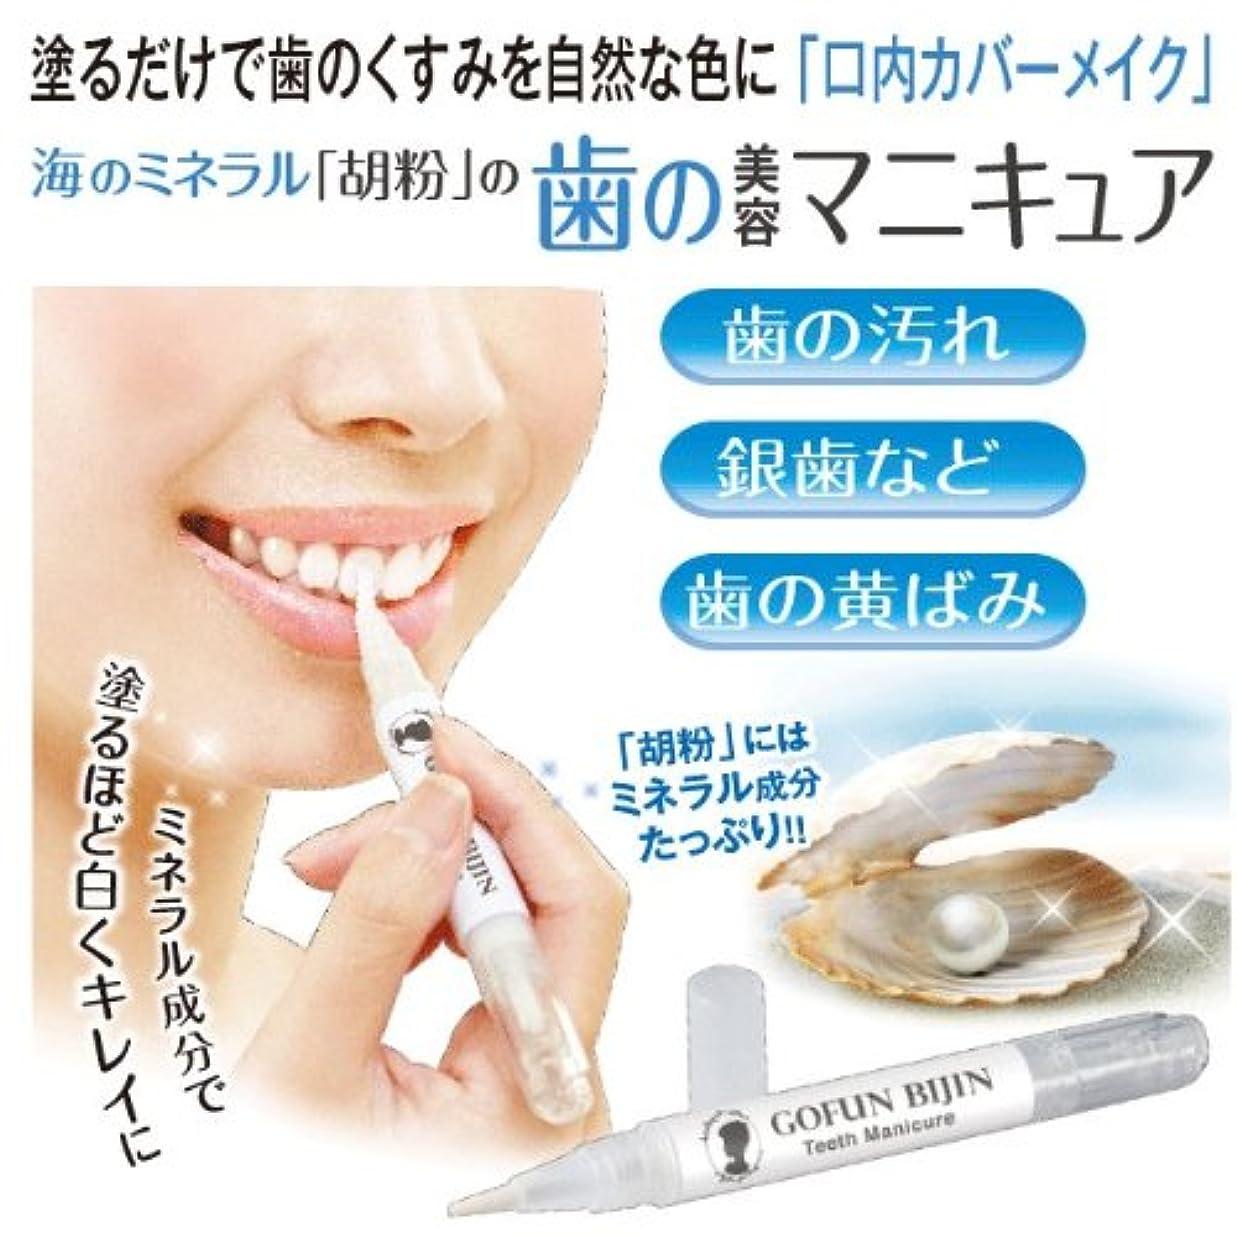 彼女絶対の代わって胡粉美人 歯マニキュア 歯にミネラルを補給してキレイに